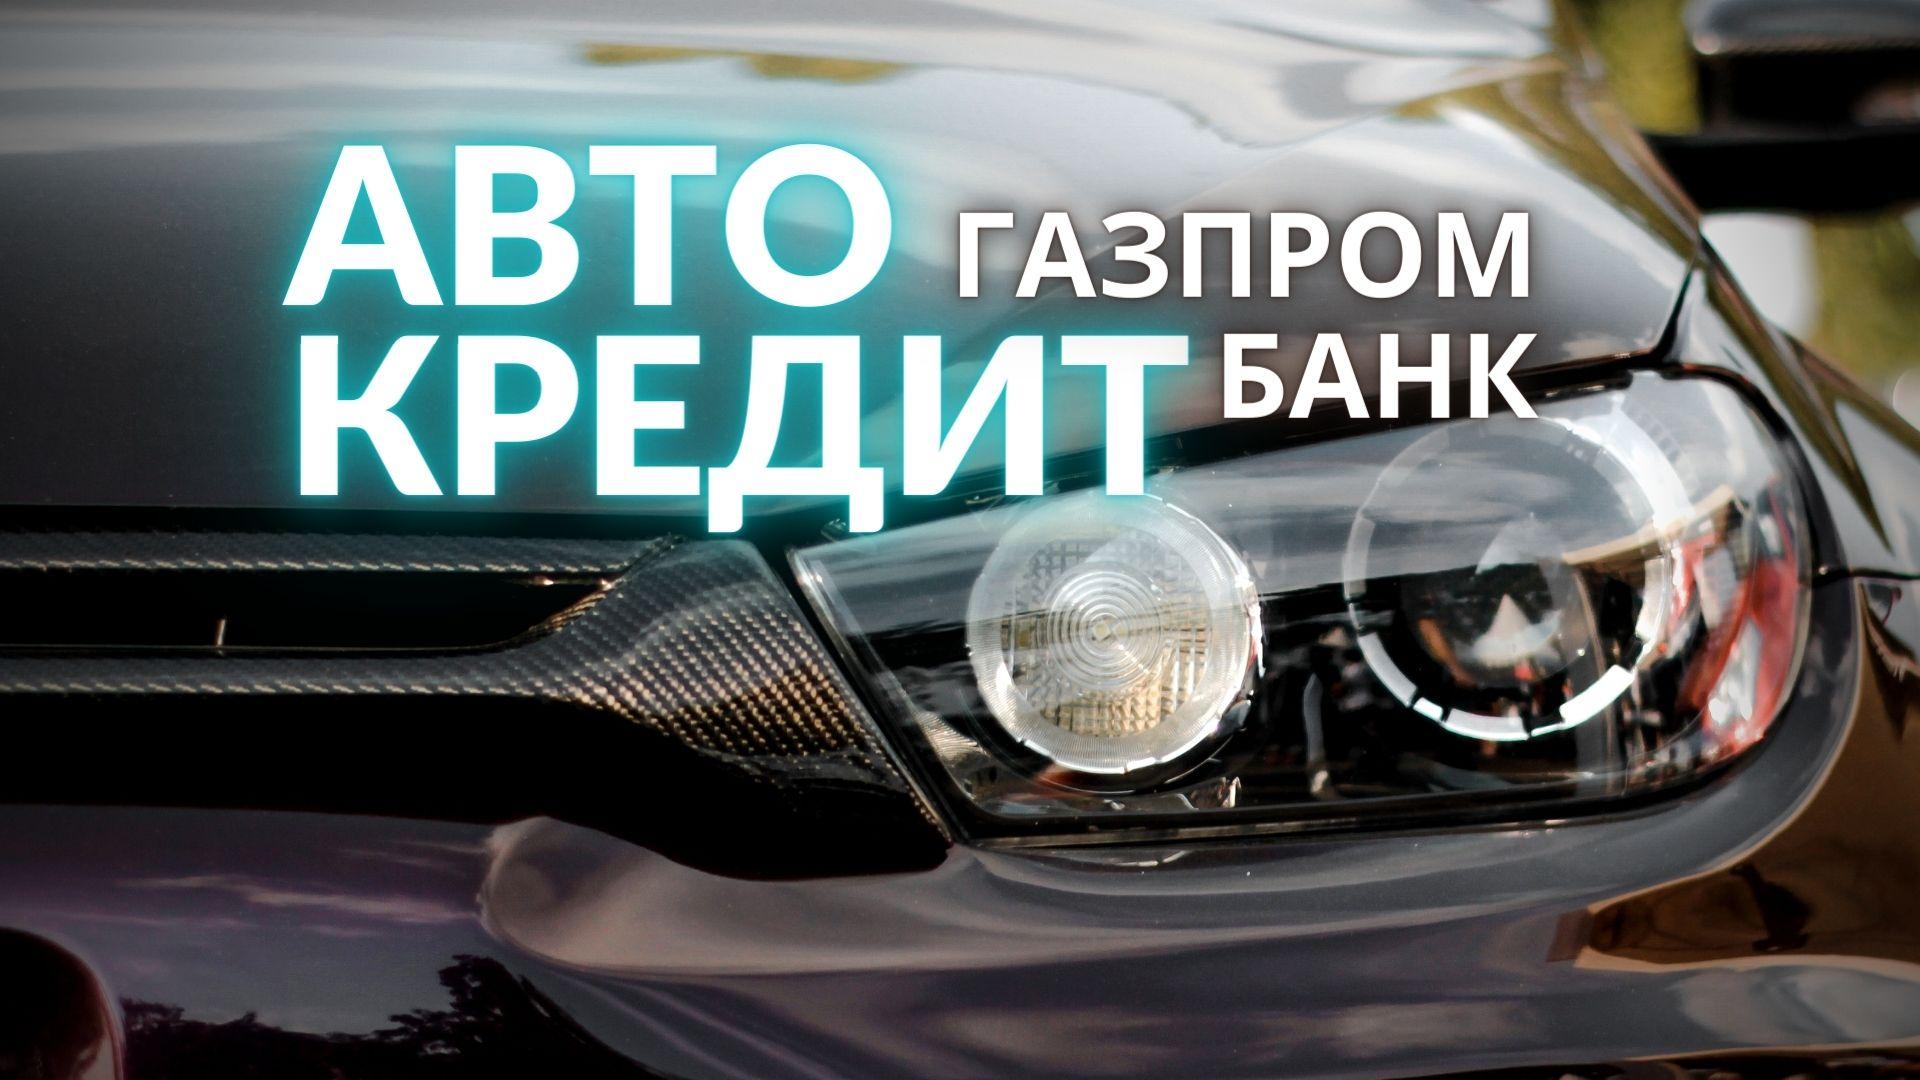 Автокредит в Газпромбанке. Обзор условий. И как получить